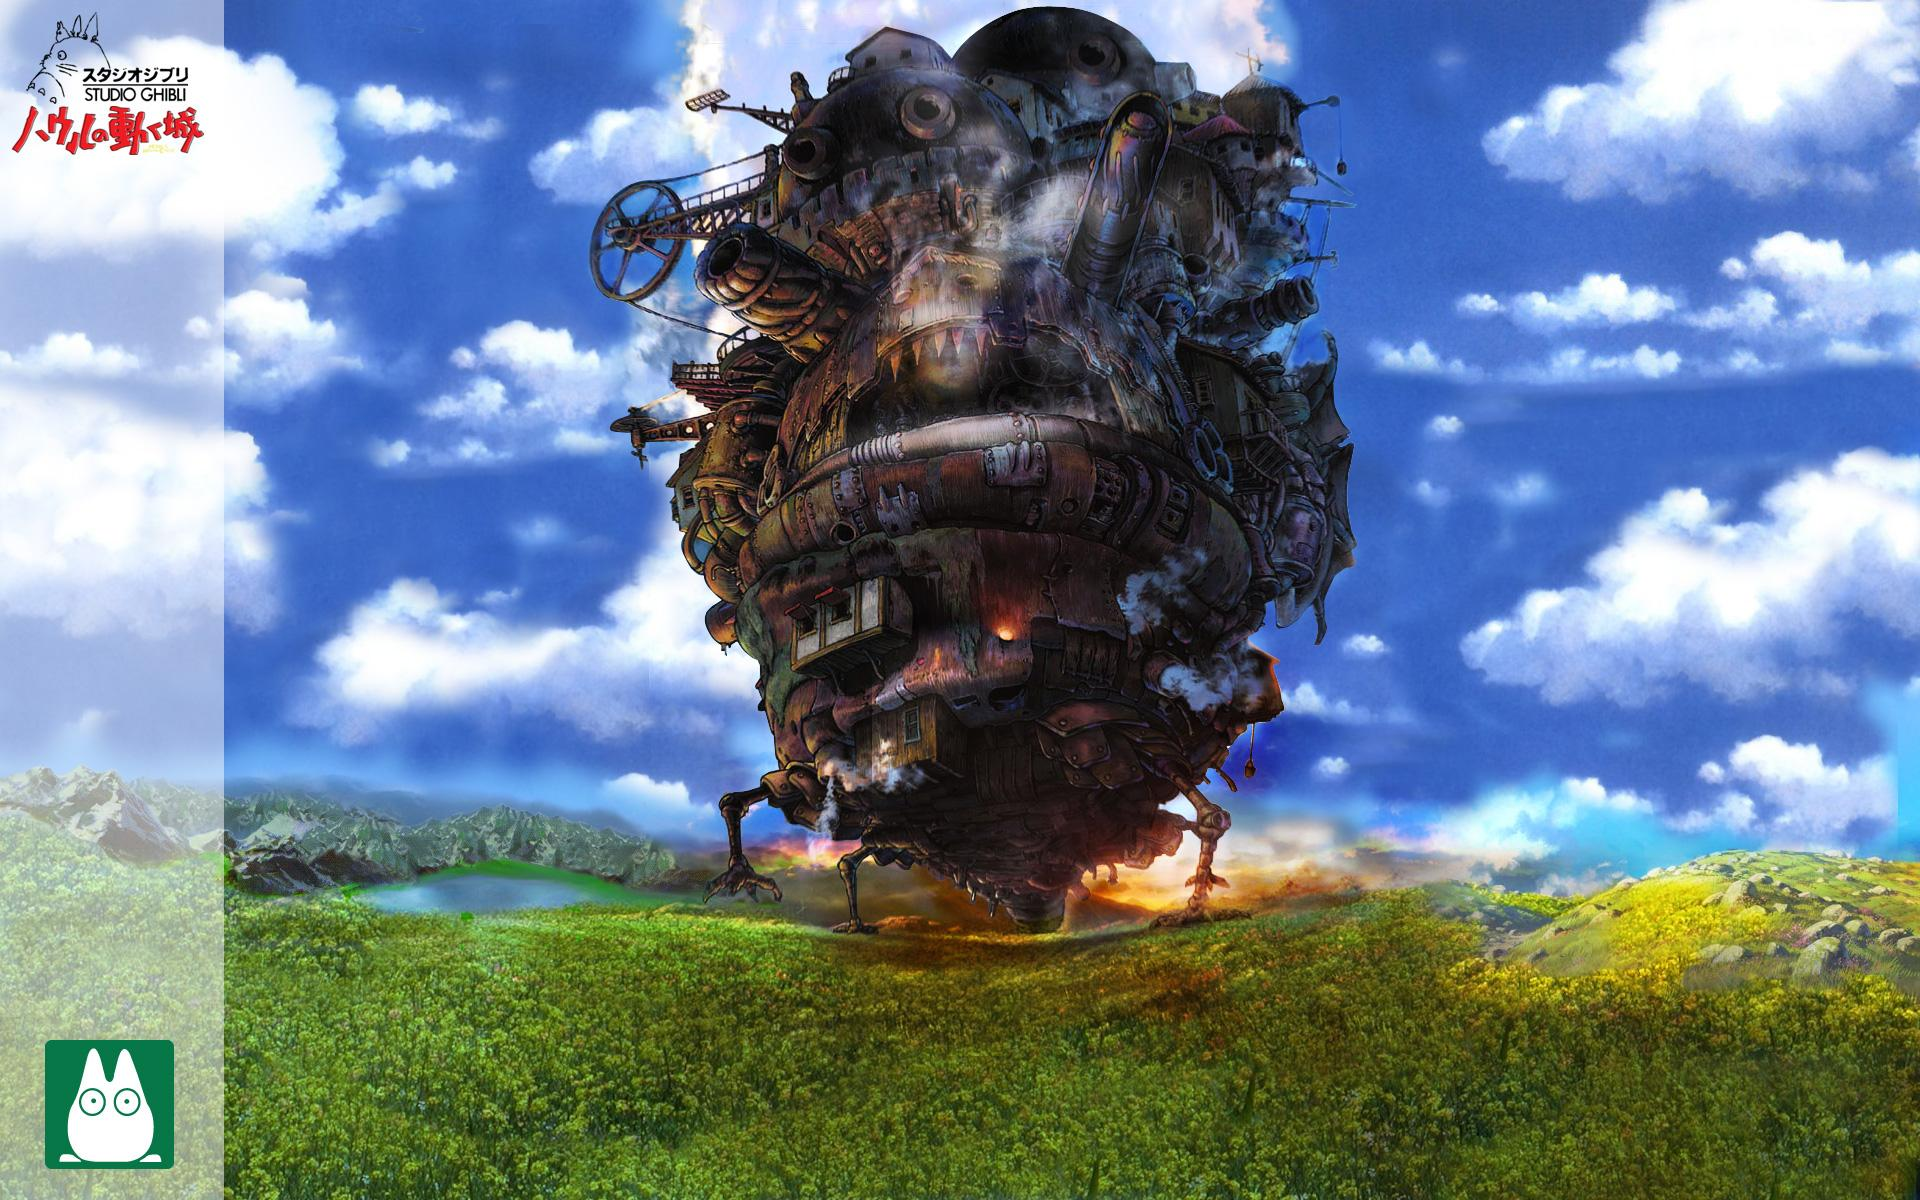 Best Wallpaper Minecraft Steampunk - aae3b893d41d5cdcdee4886403c223f9636fcd30  HD_82683.jpg